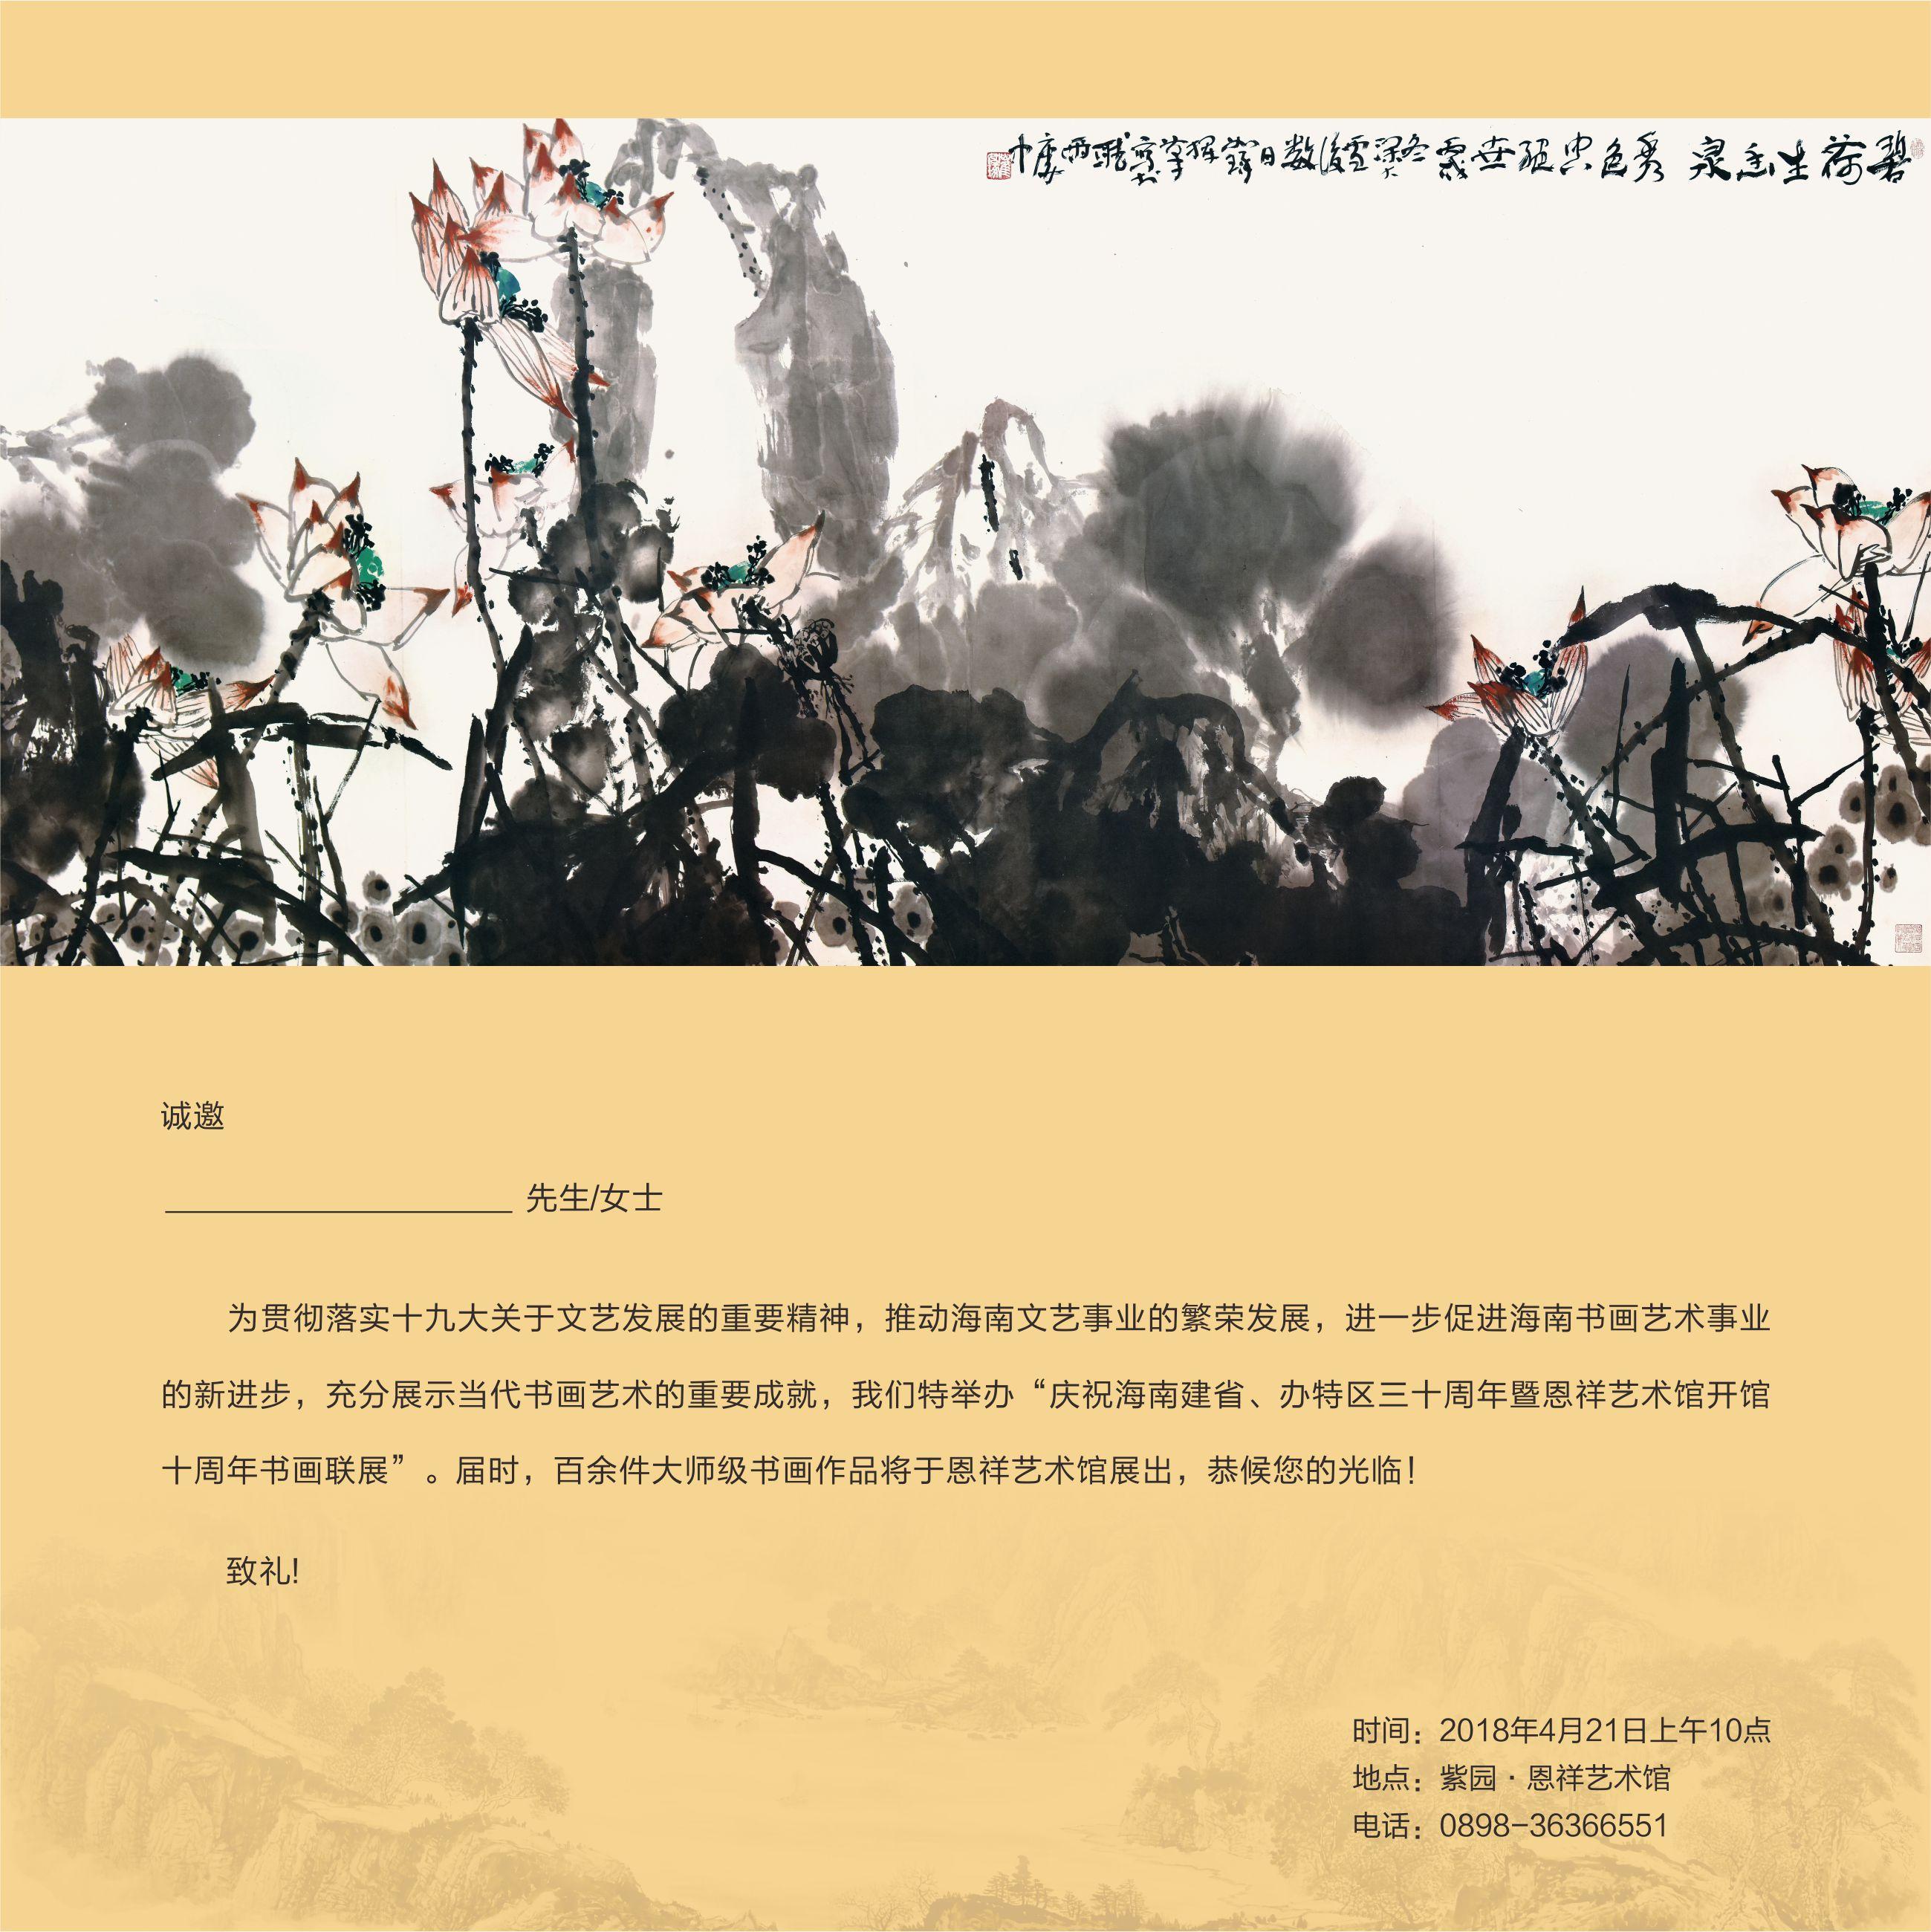 0416书画展邀请函-内页.jpg